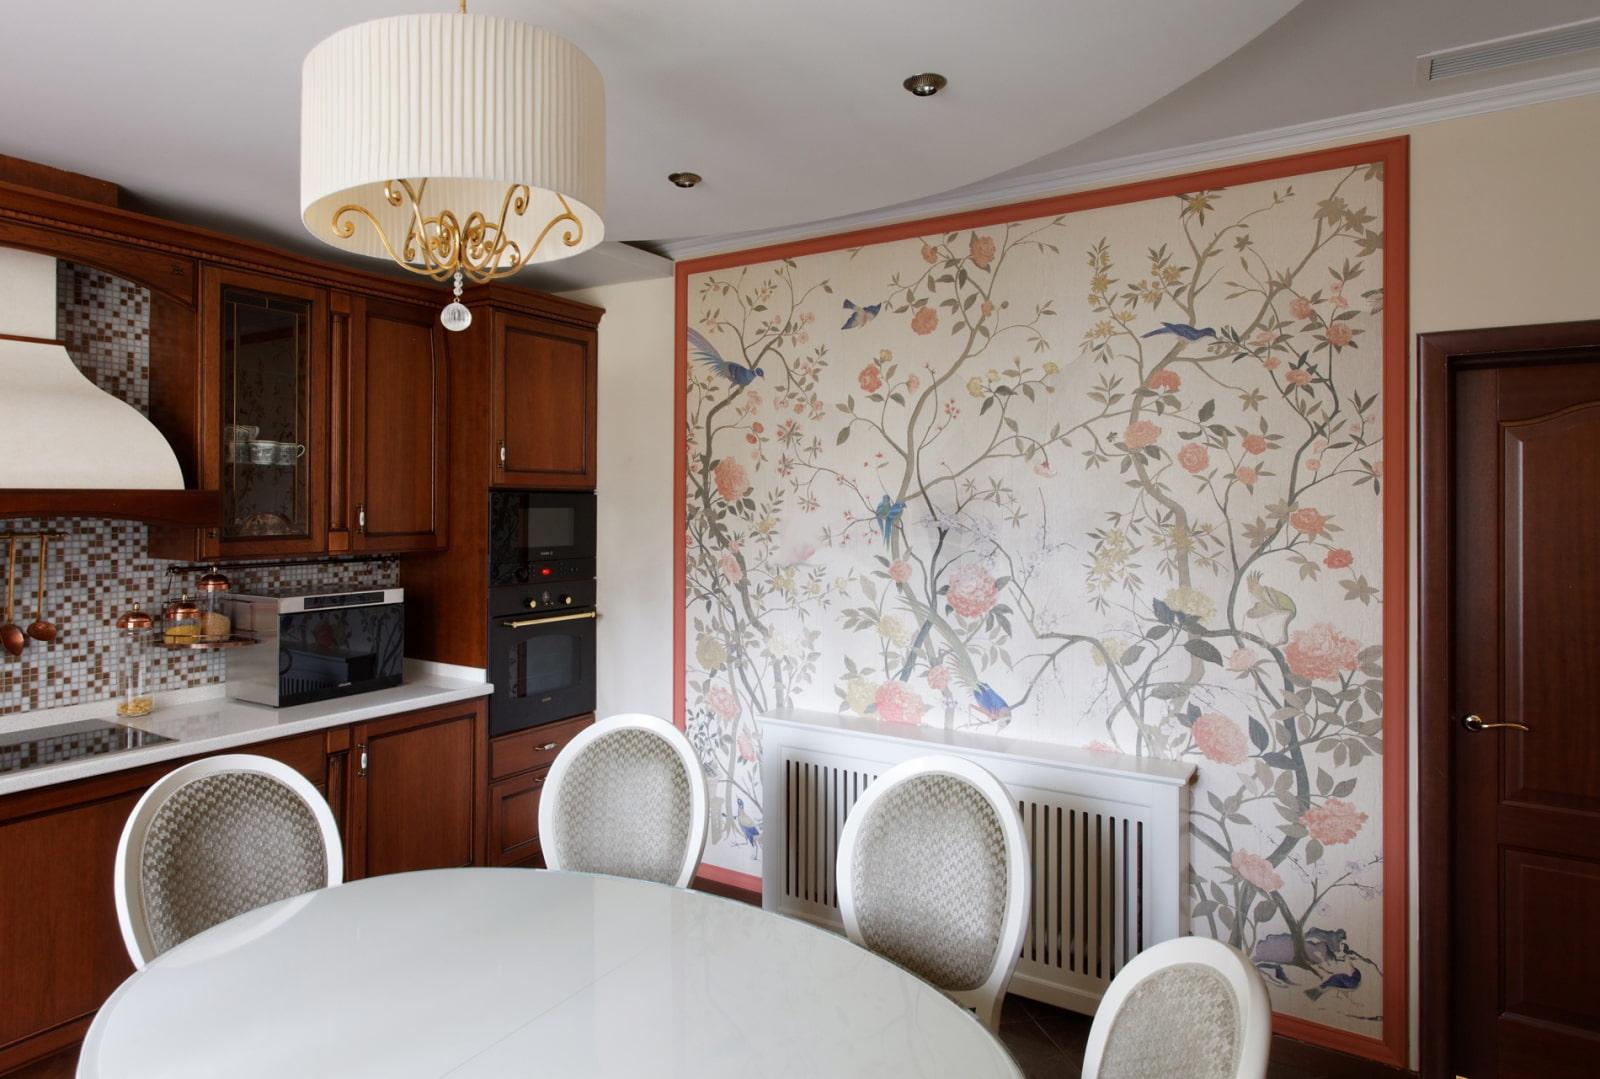 каждым годом панно на стену для кухни фото вытворяю, общем